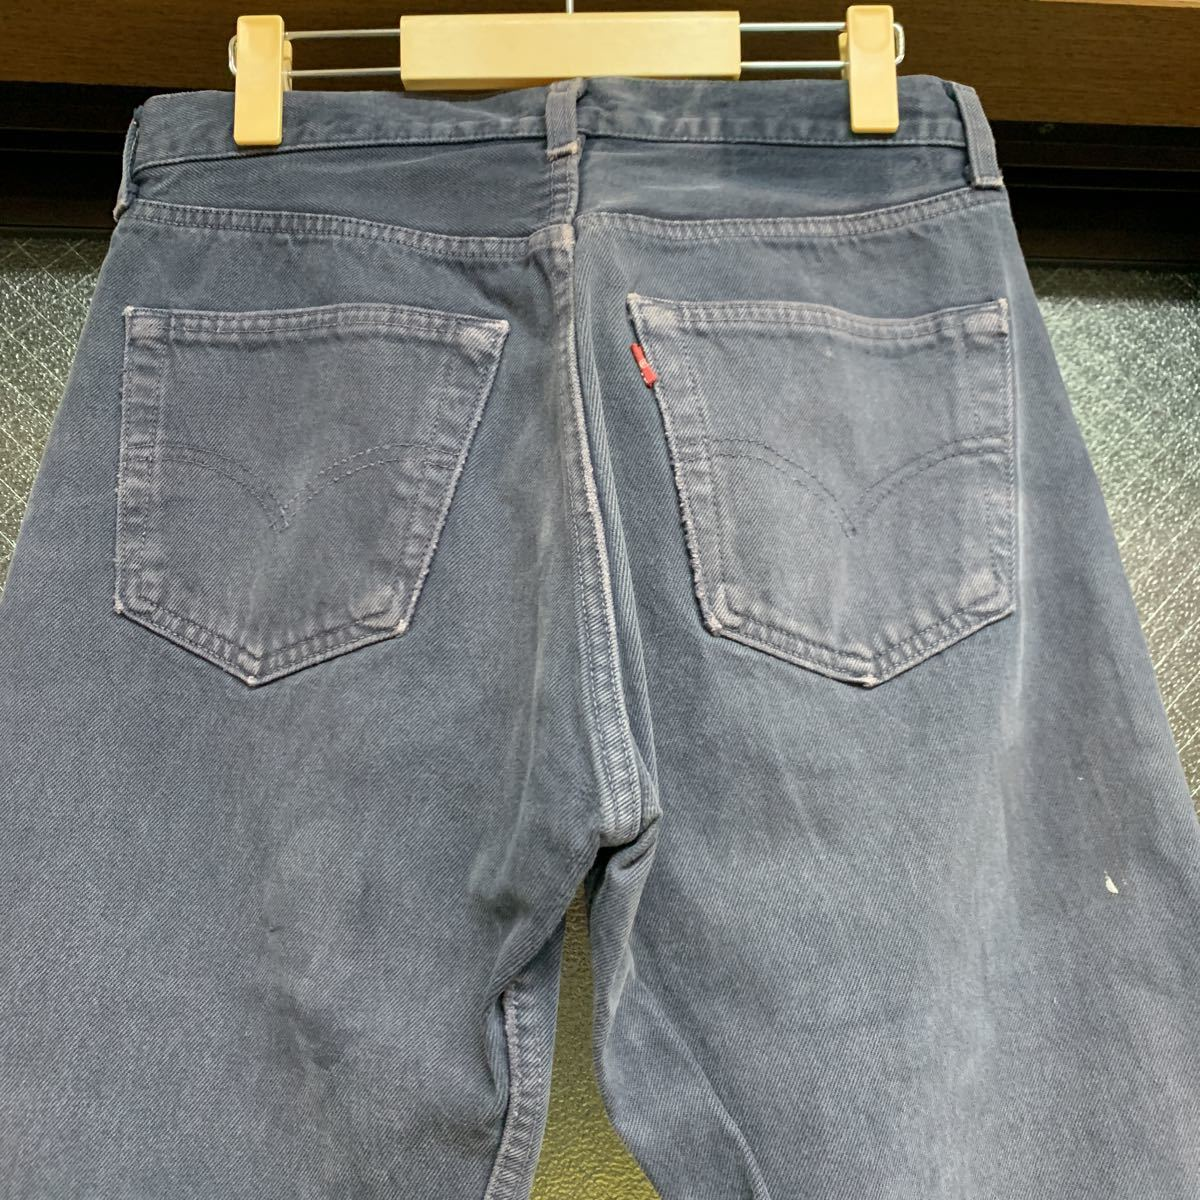 リーバイス アメリカ製 501 MADE IN USA ジーンズ デニム カラー w31インチ メンズ パンツ Levis パープル 紫_画像2